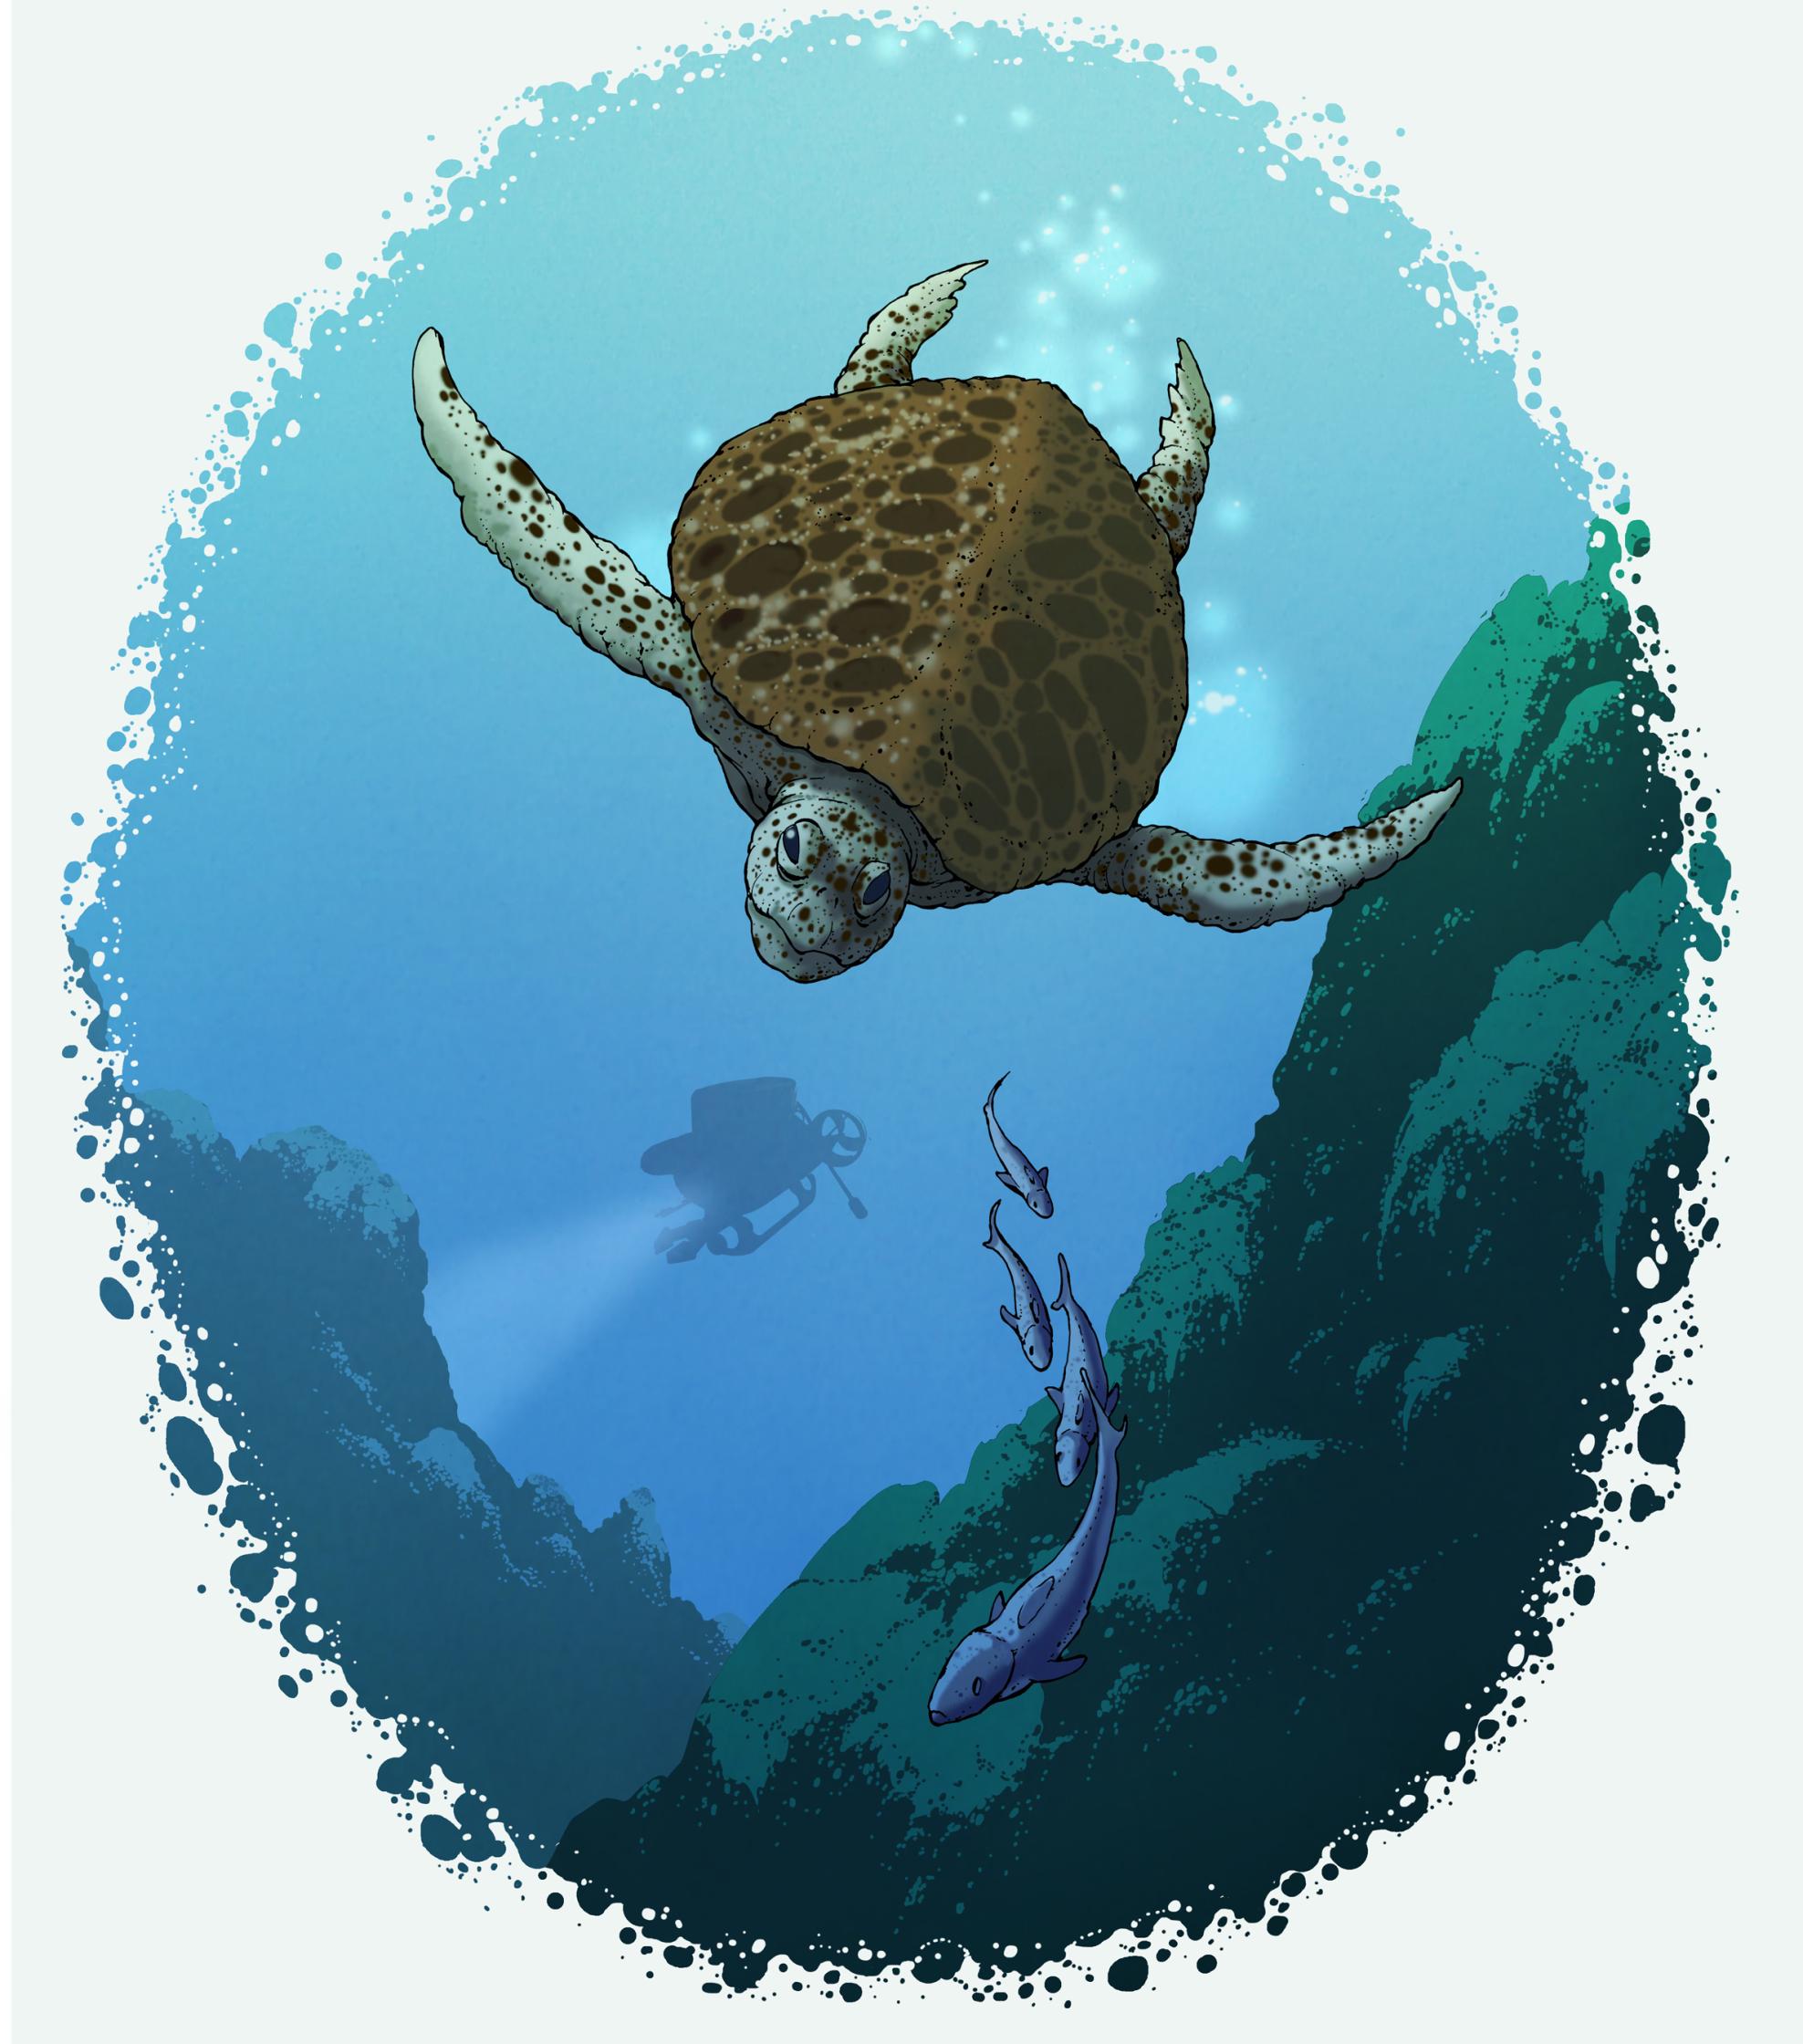 23-turtle.jpg